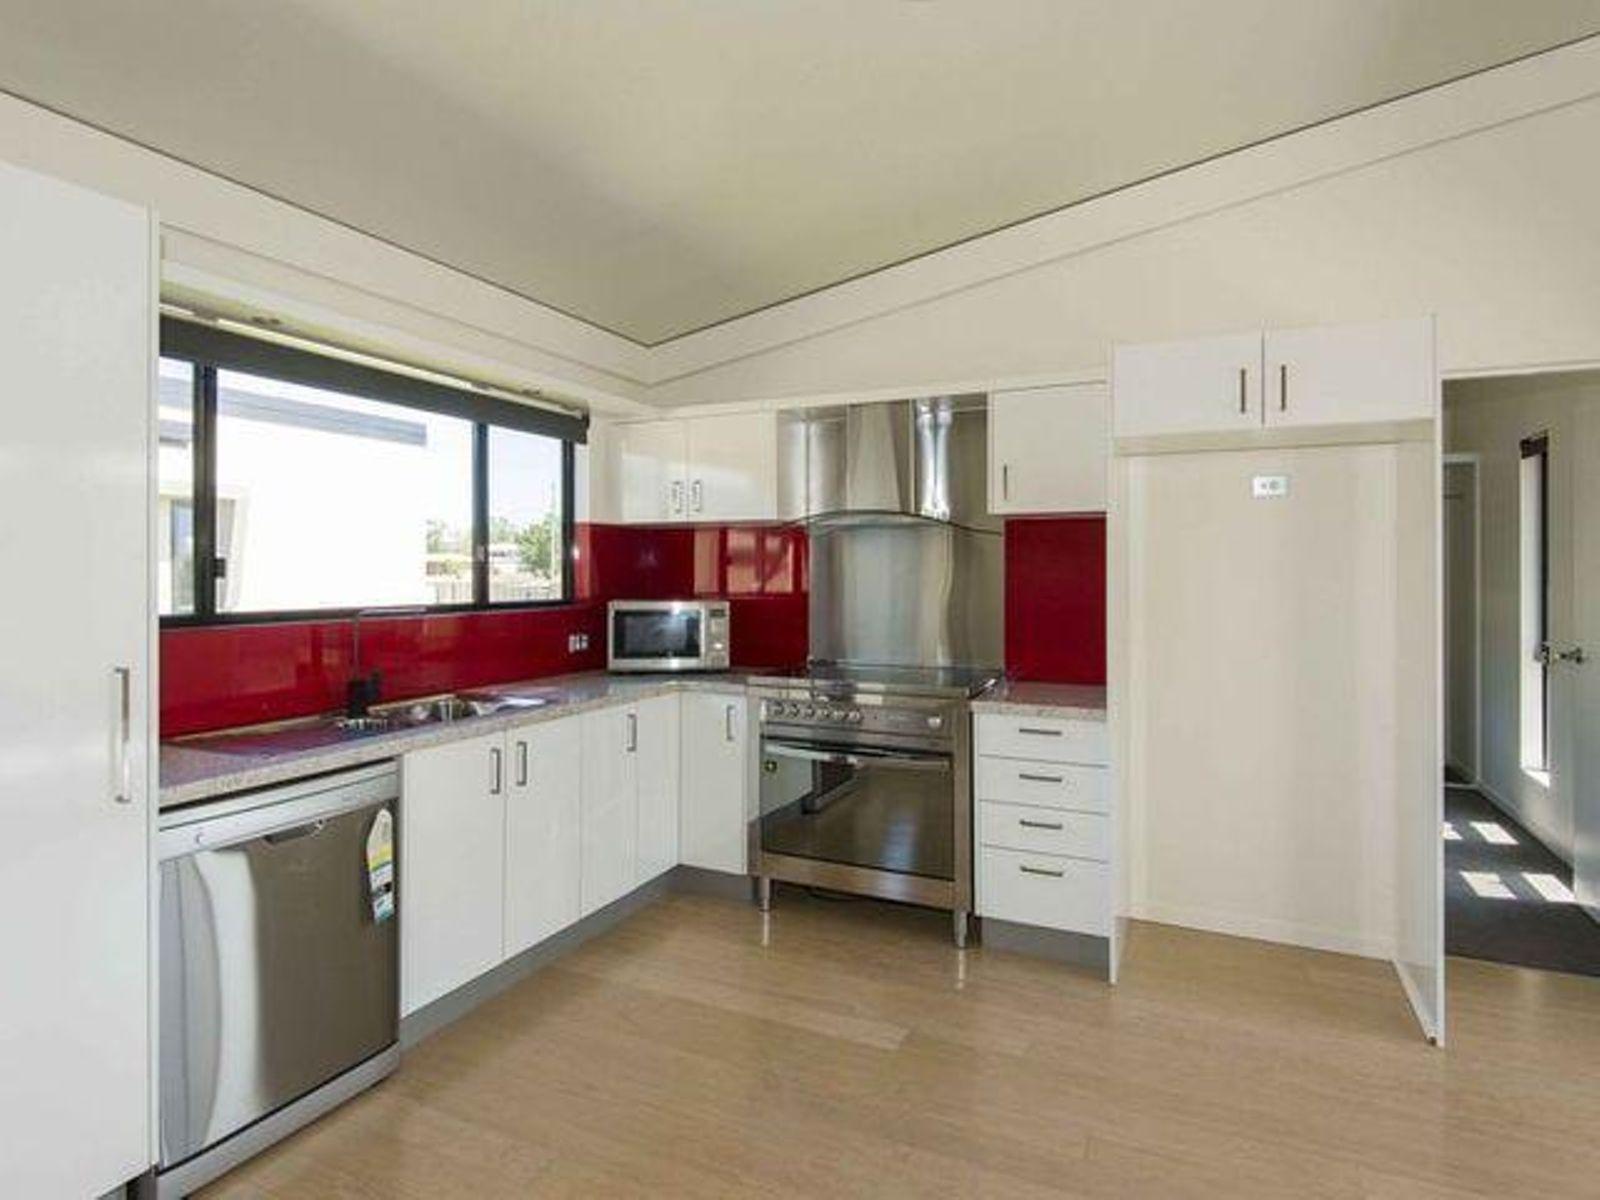 6/51 Kemmis Street, Nebo, QLD 4742